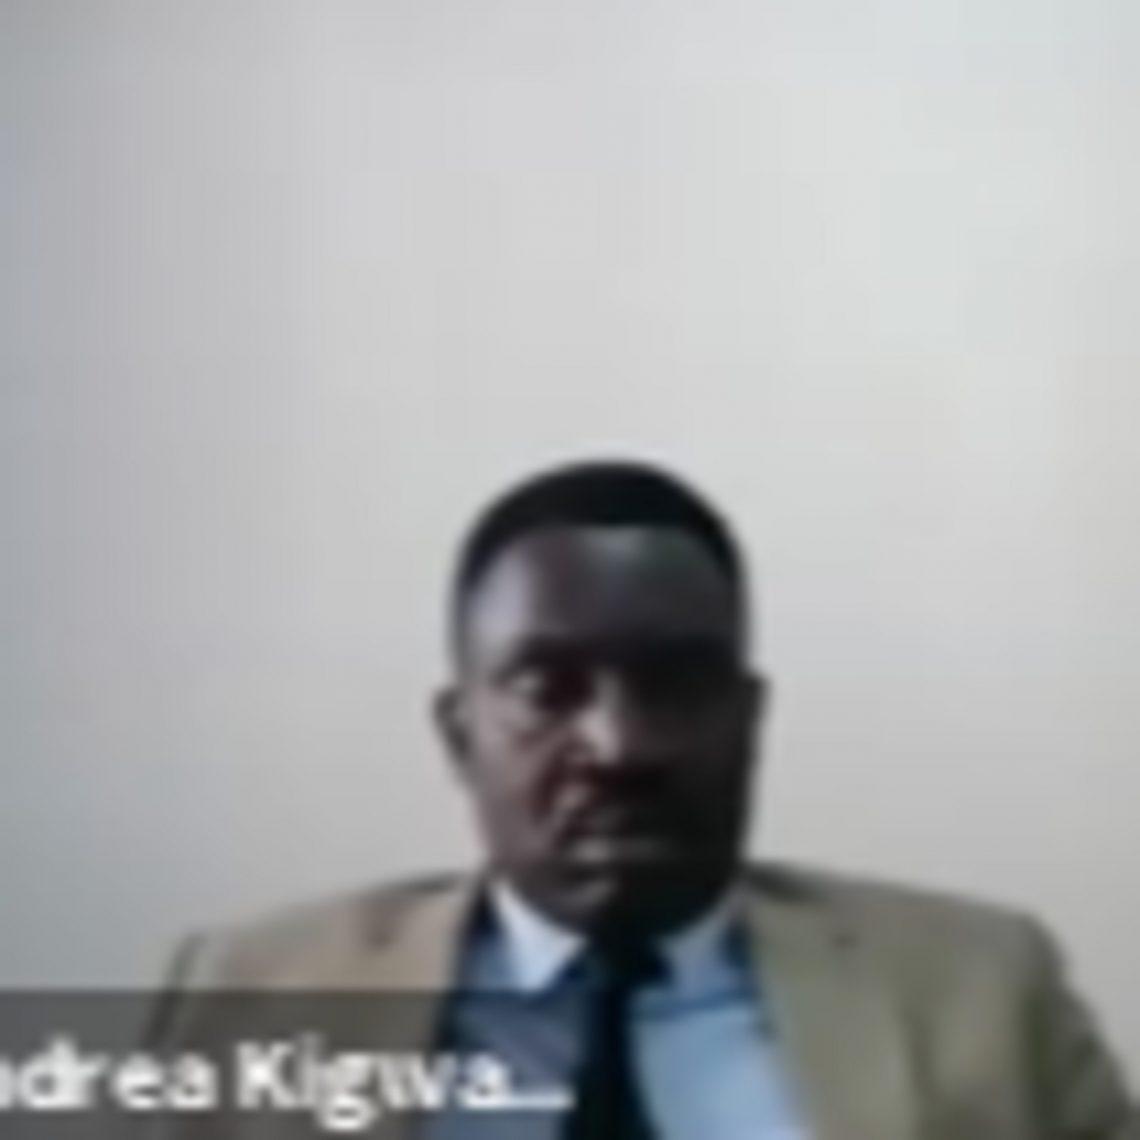 Chi sta credendo alla mia storia? Il ministro del turismo della Tanzania Kigwangala sfida la discussione ministeriale dell'African Tourism Board